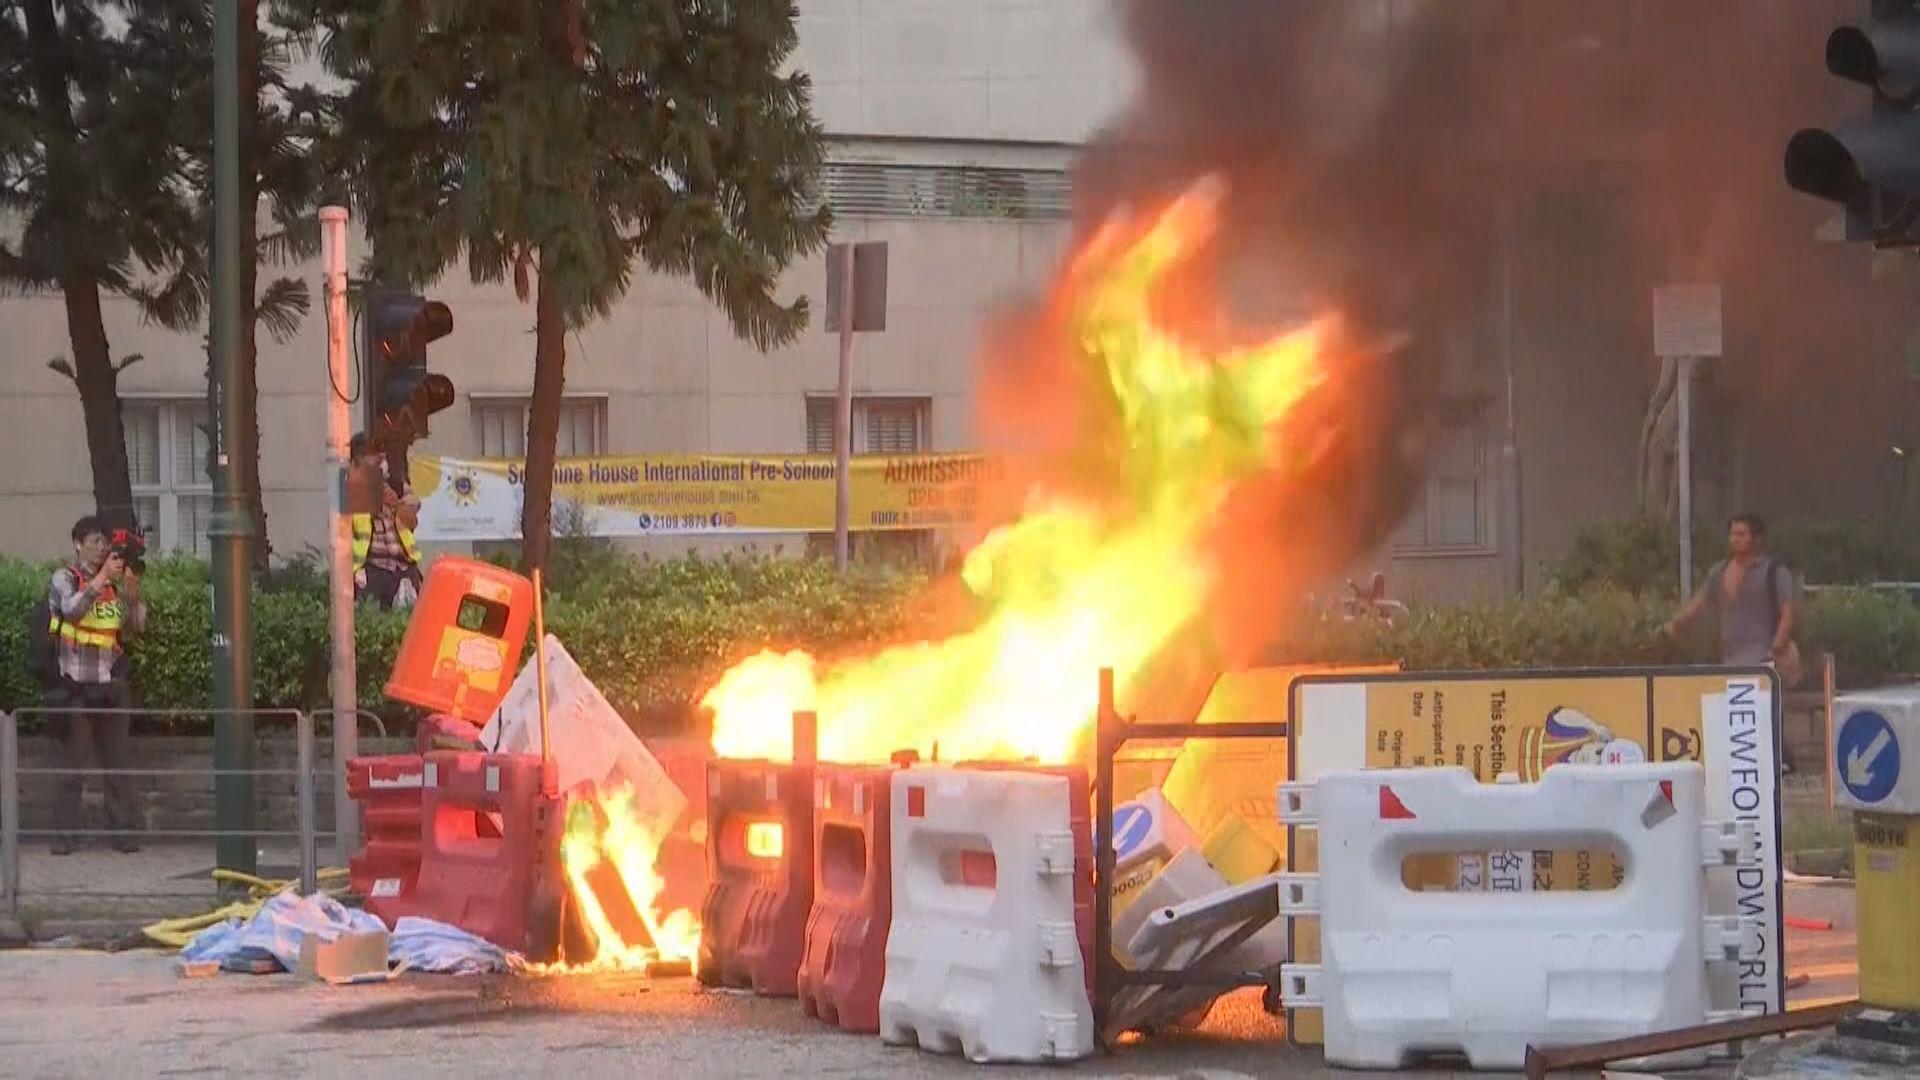 示威者在東涌縱火及焚燒國旗